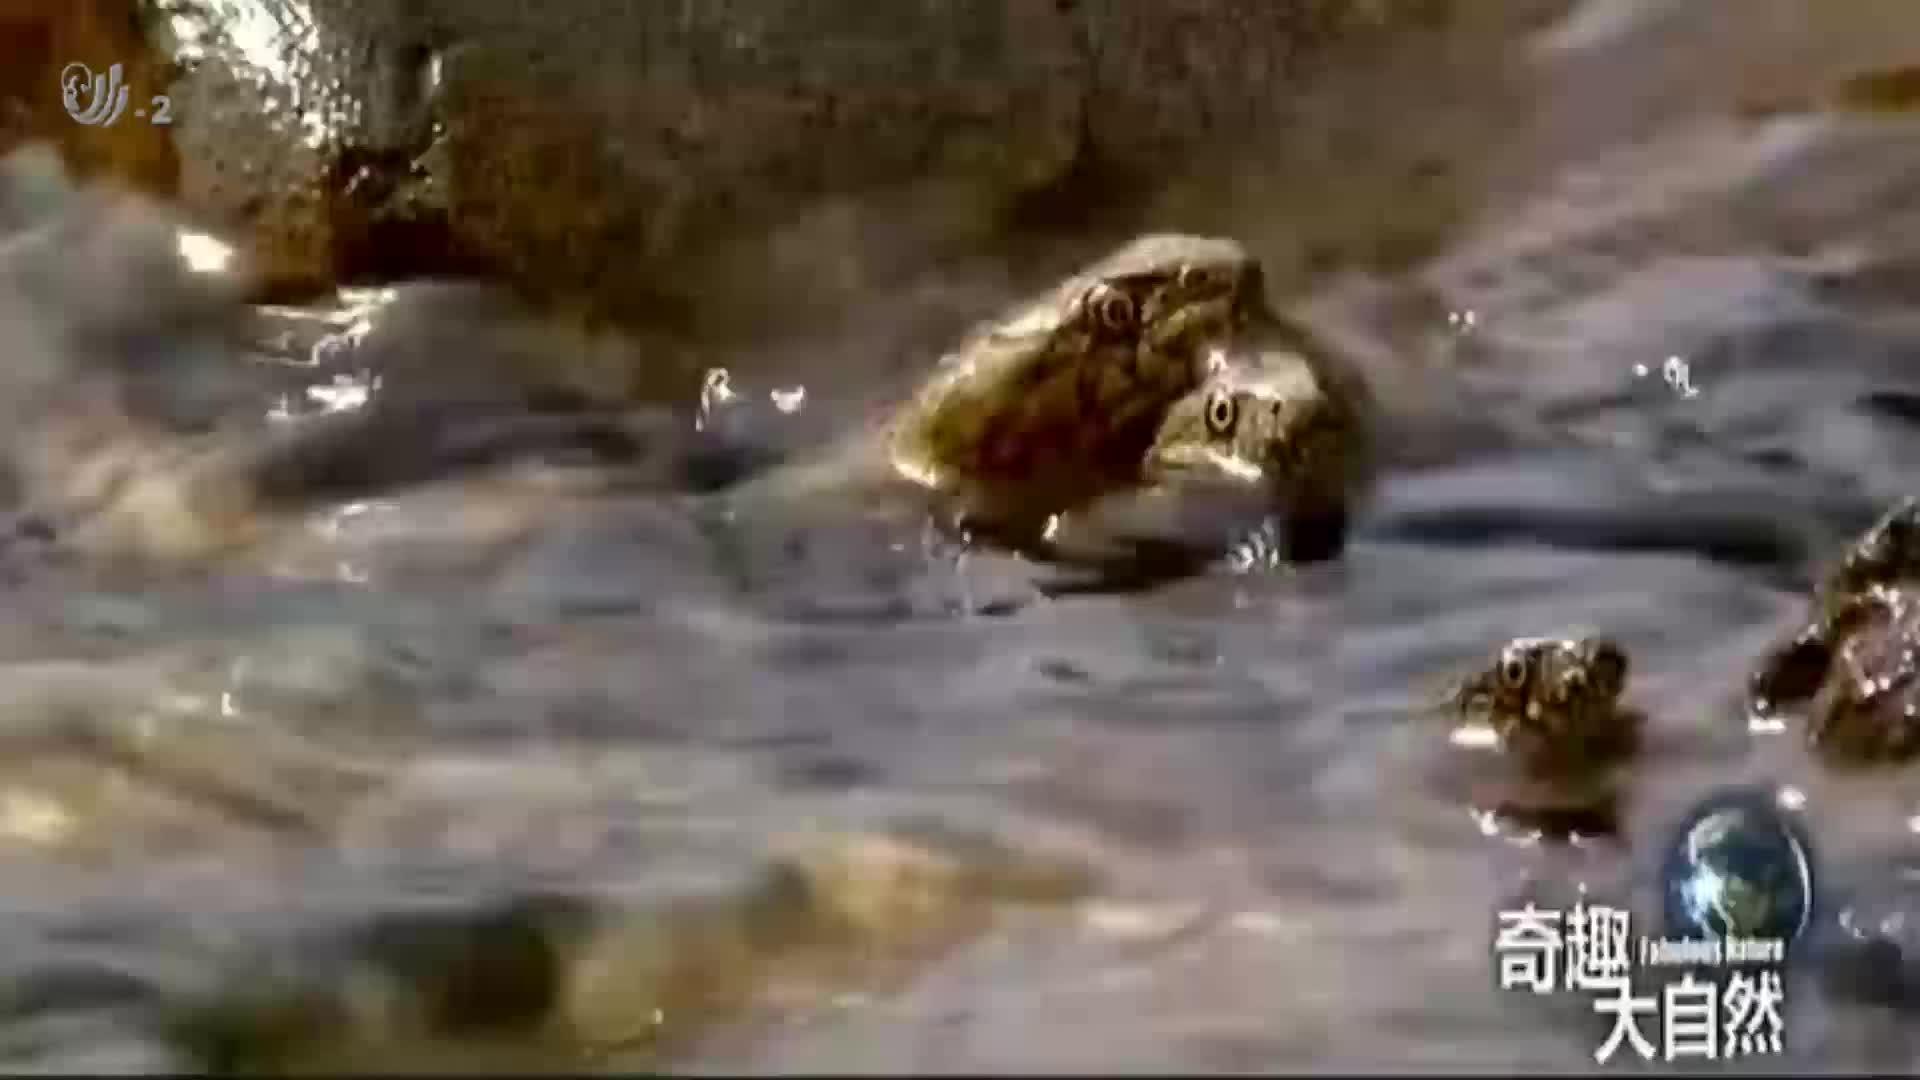 淡水龟宝宝,还没出生竟都被埋在土里,出生会一个一个钻出来